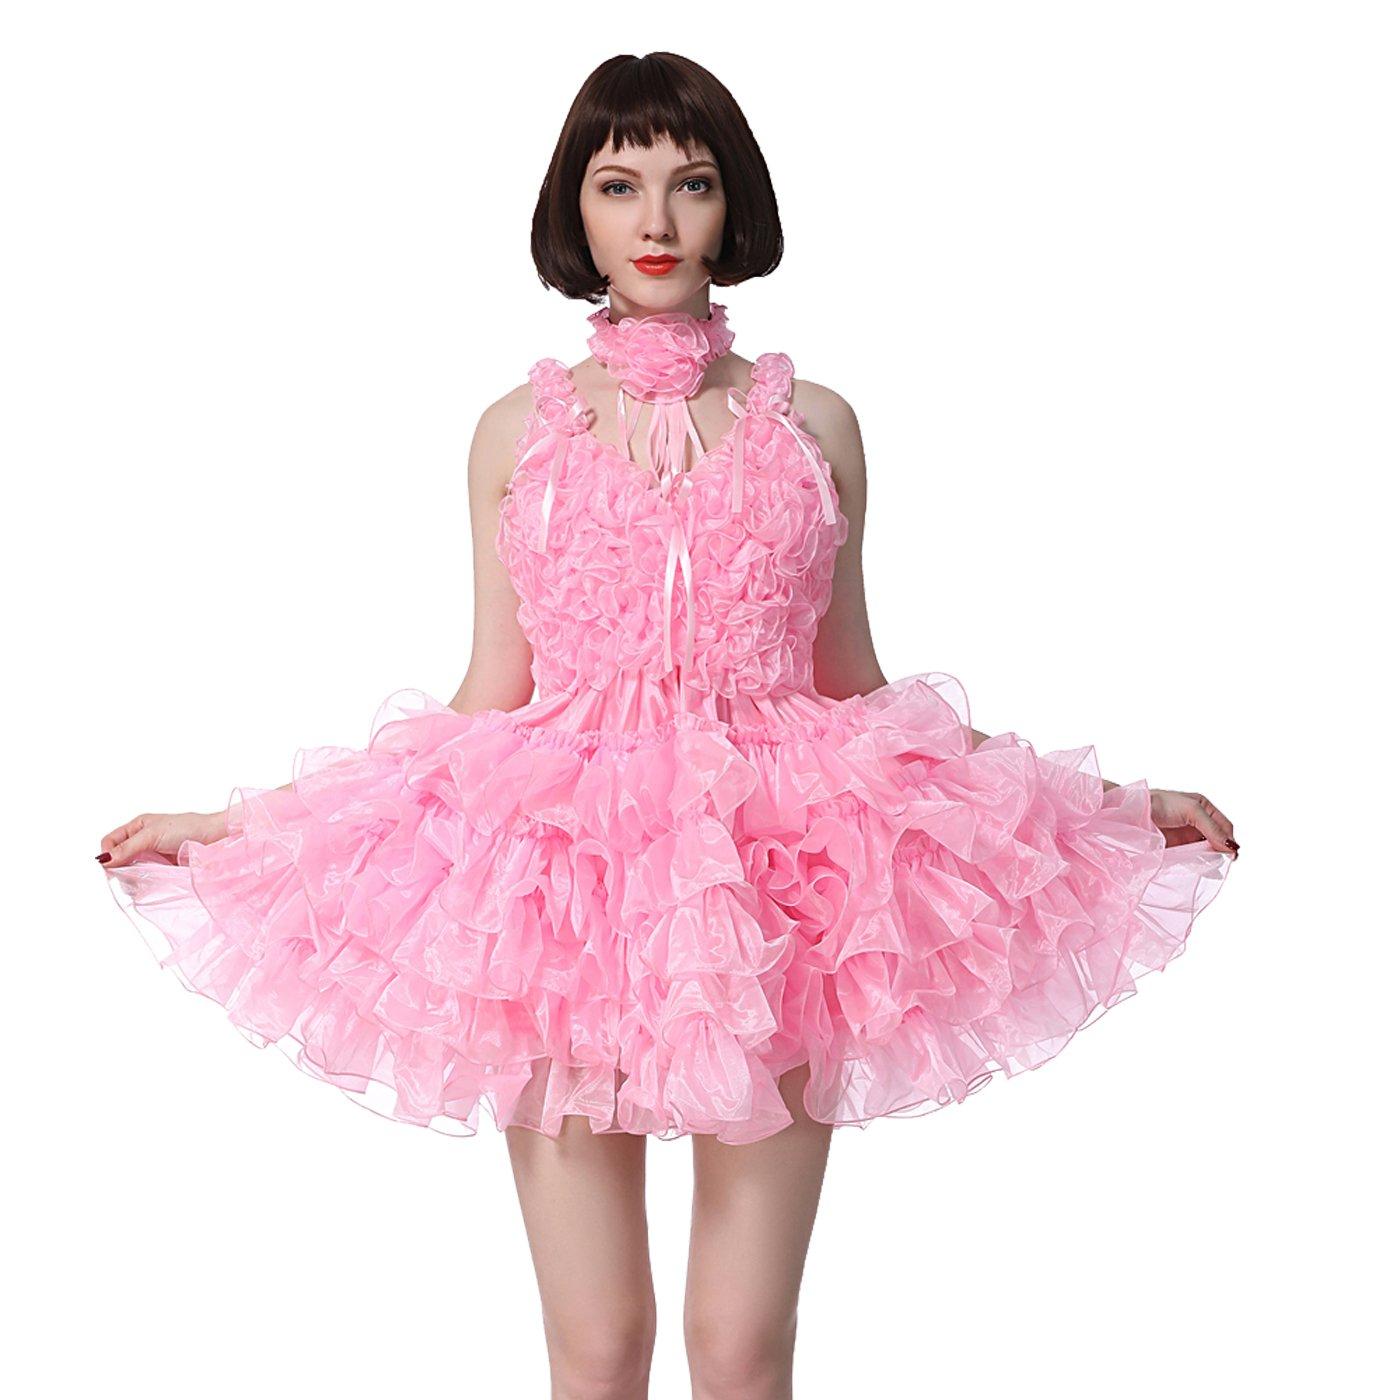 【あす楽対応】 GOceBaby 太い シシー 形になる 少女 女中 ビー 形になる ネックライン オーガンザ 太い クロスドレス 淡紅色 黄銅 ドレス クロスドレス (XXL) B07DMPRJX1 L L, タツゴウチョウ:22e209d2 --- jagorawi.com